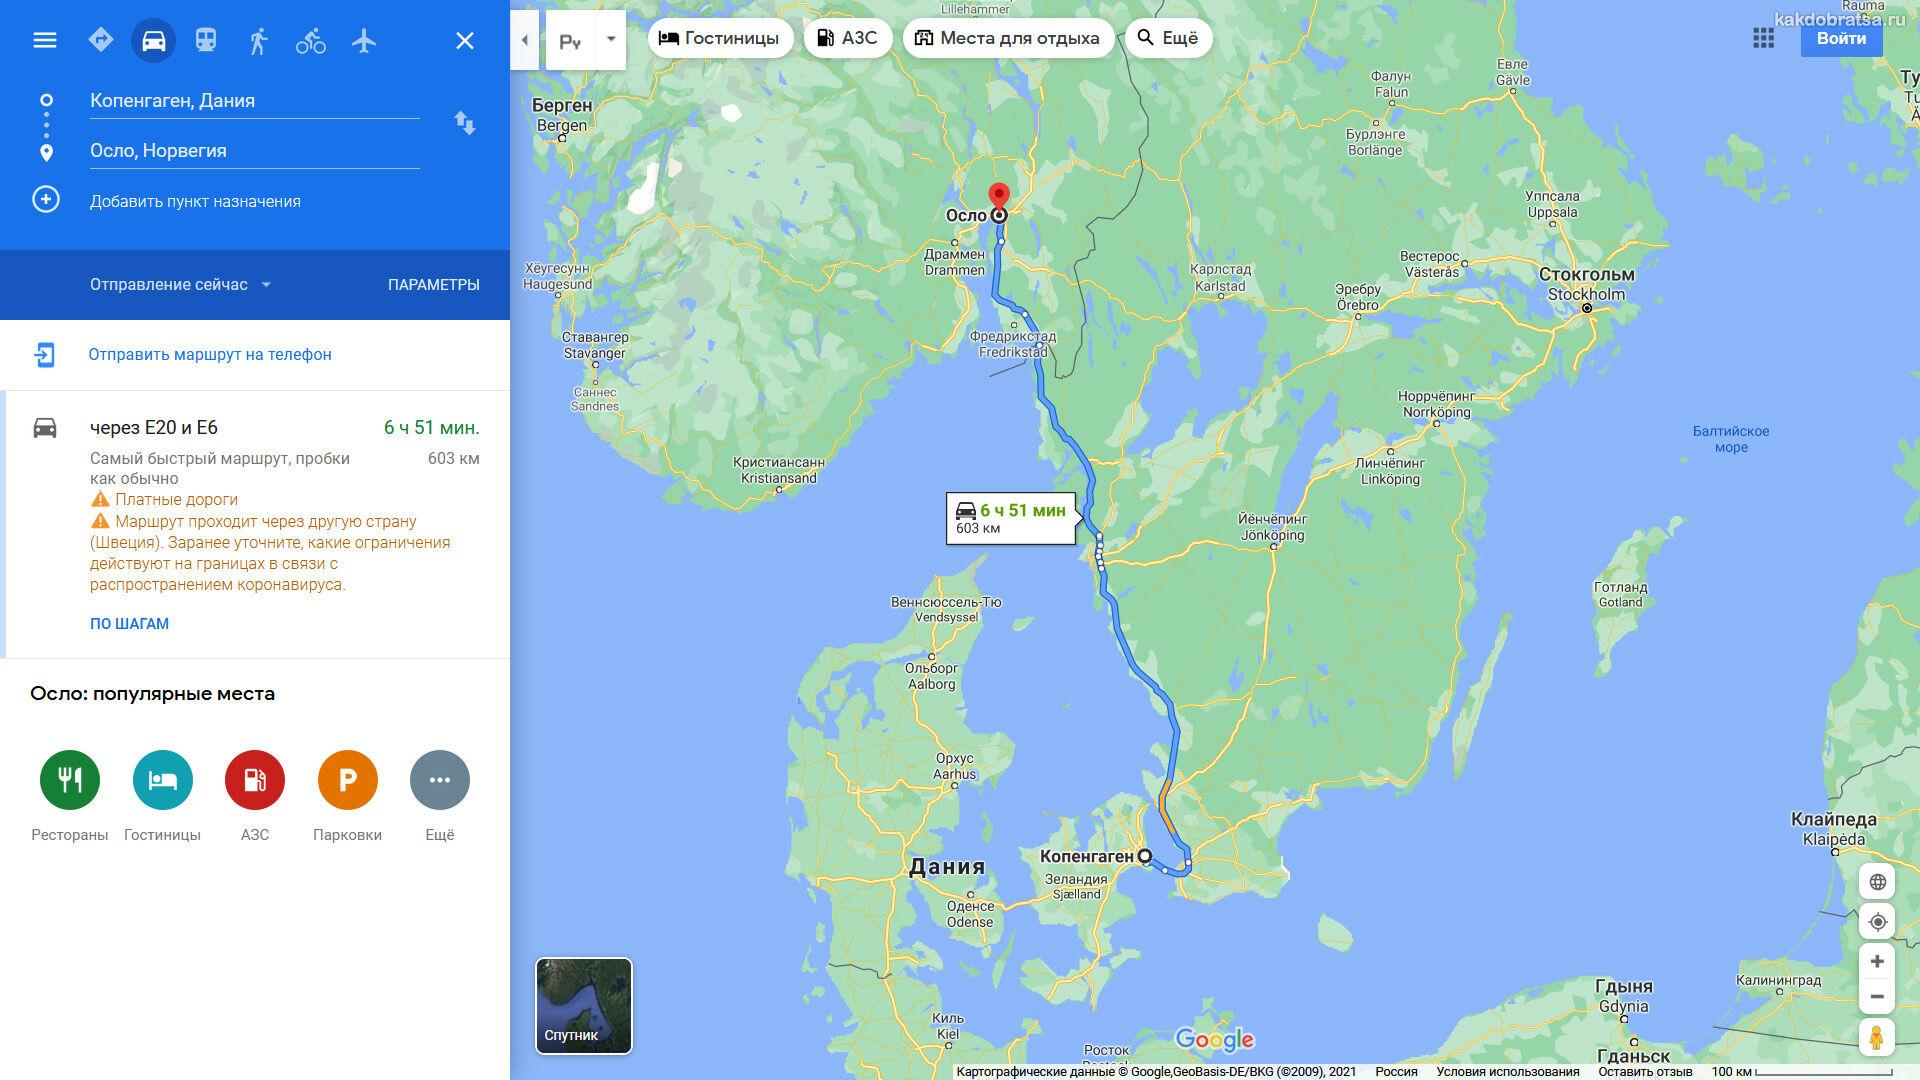 Расстояние между Копенгагеном и Осло по карте